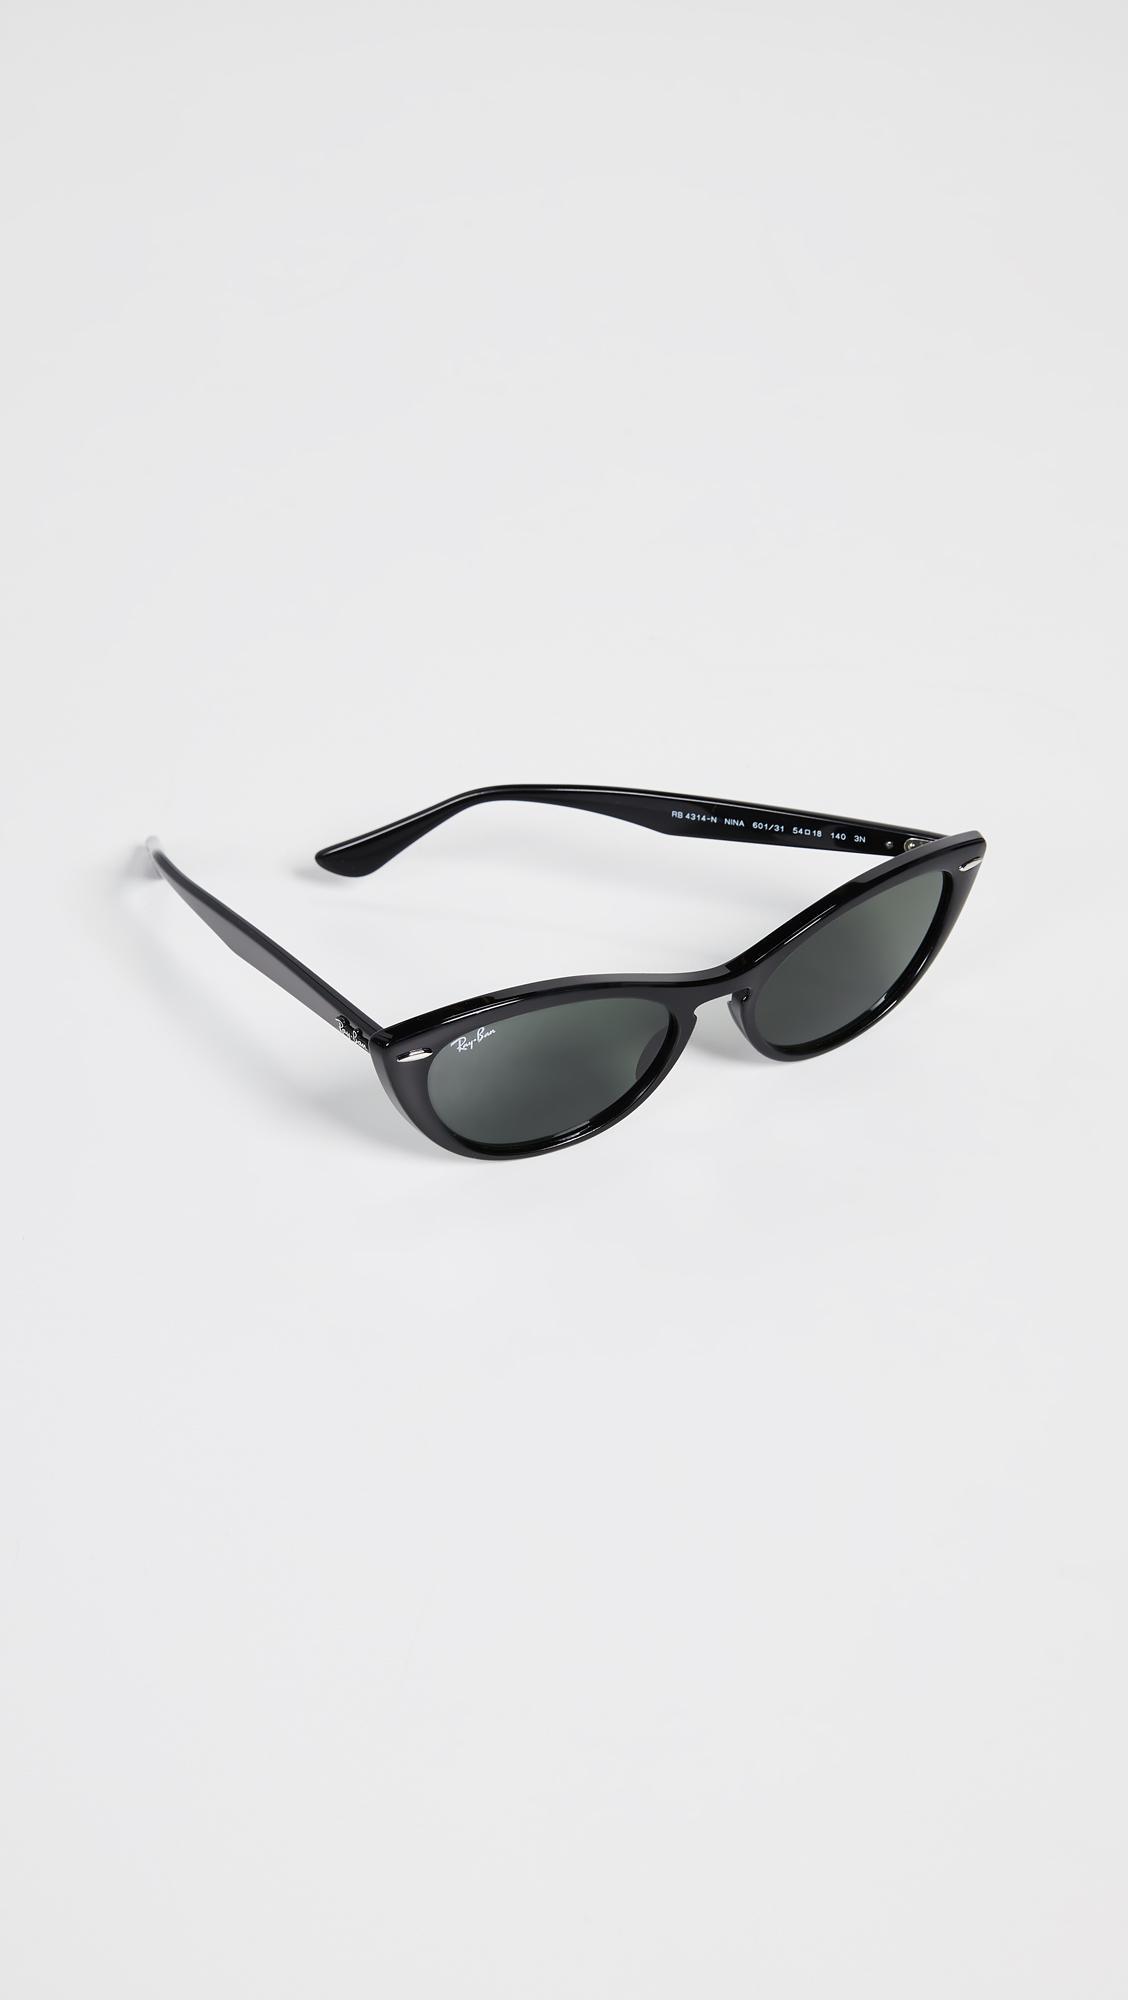 cab35e2fa761 Lyst - Ray-Ban Rb4314n Women's Cat's Eye Sunglasses in Black